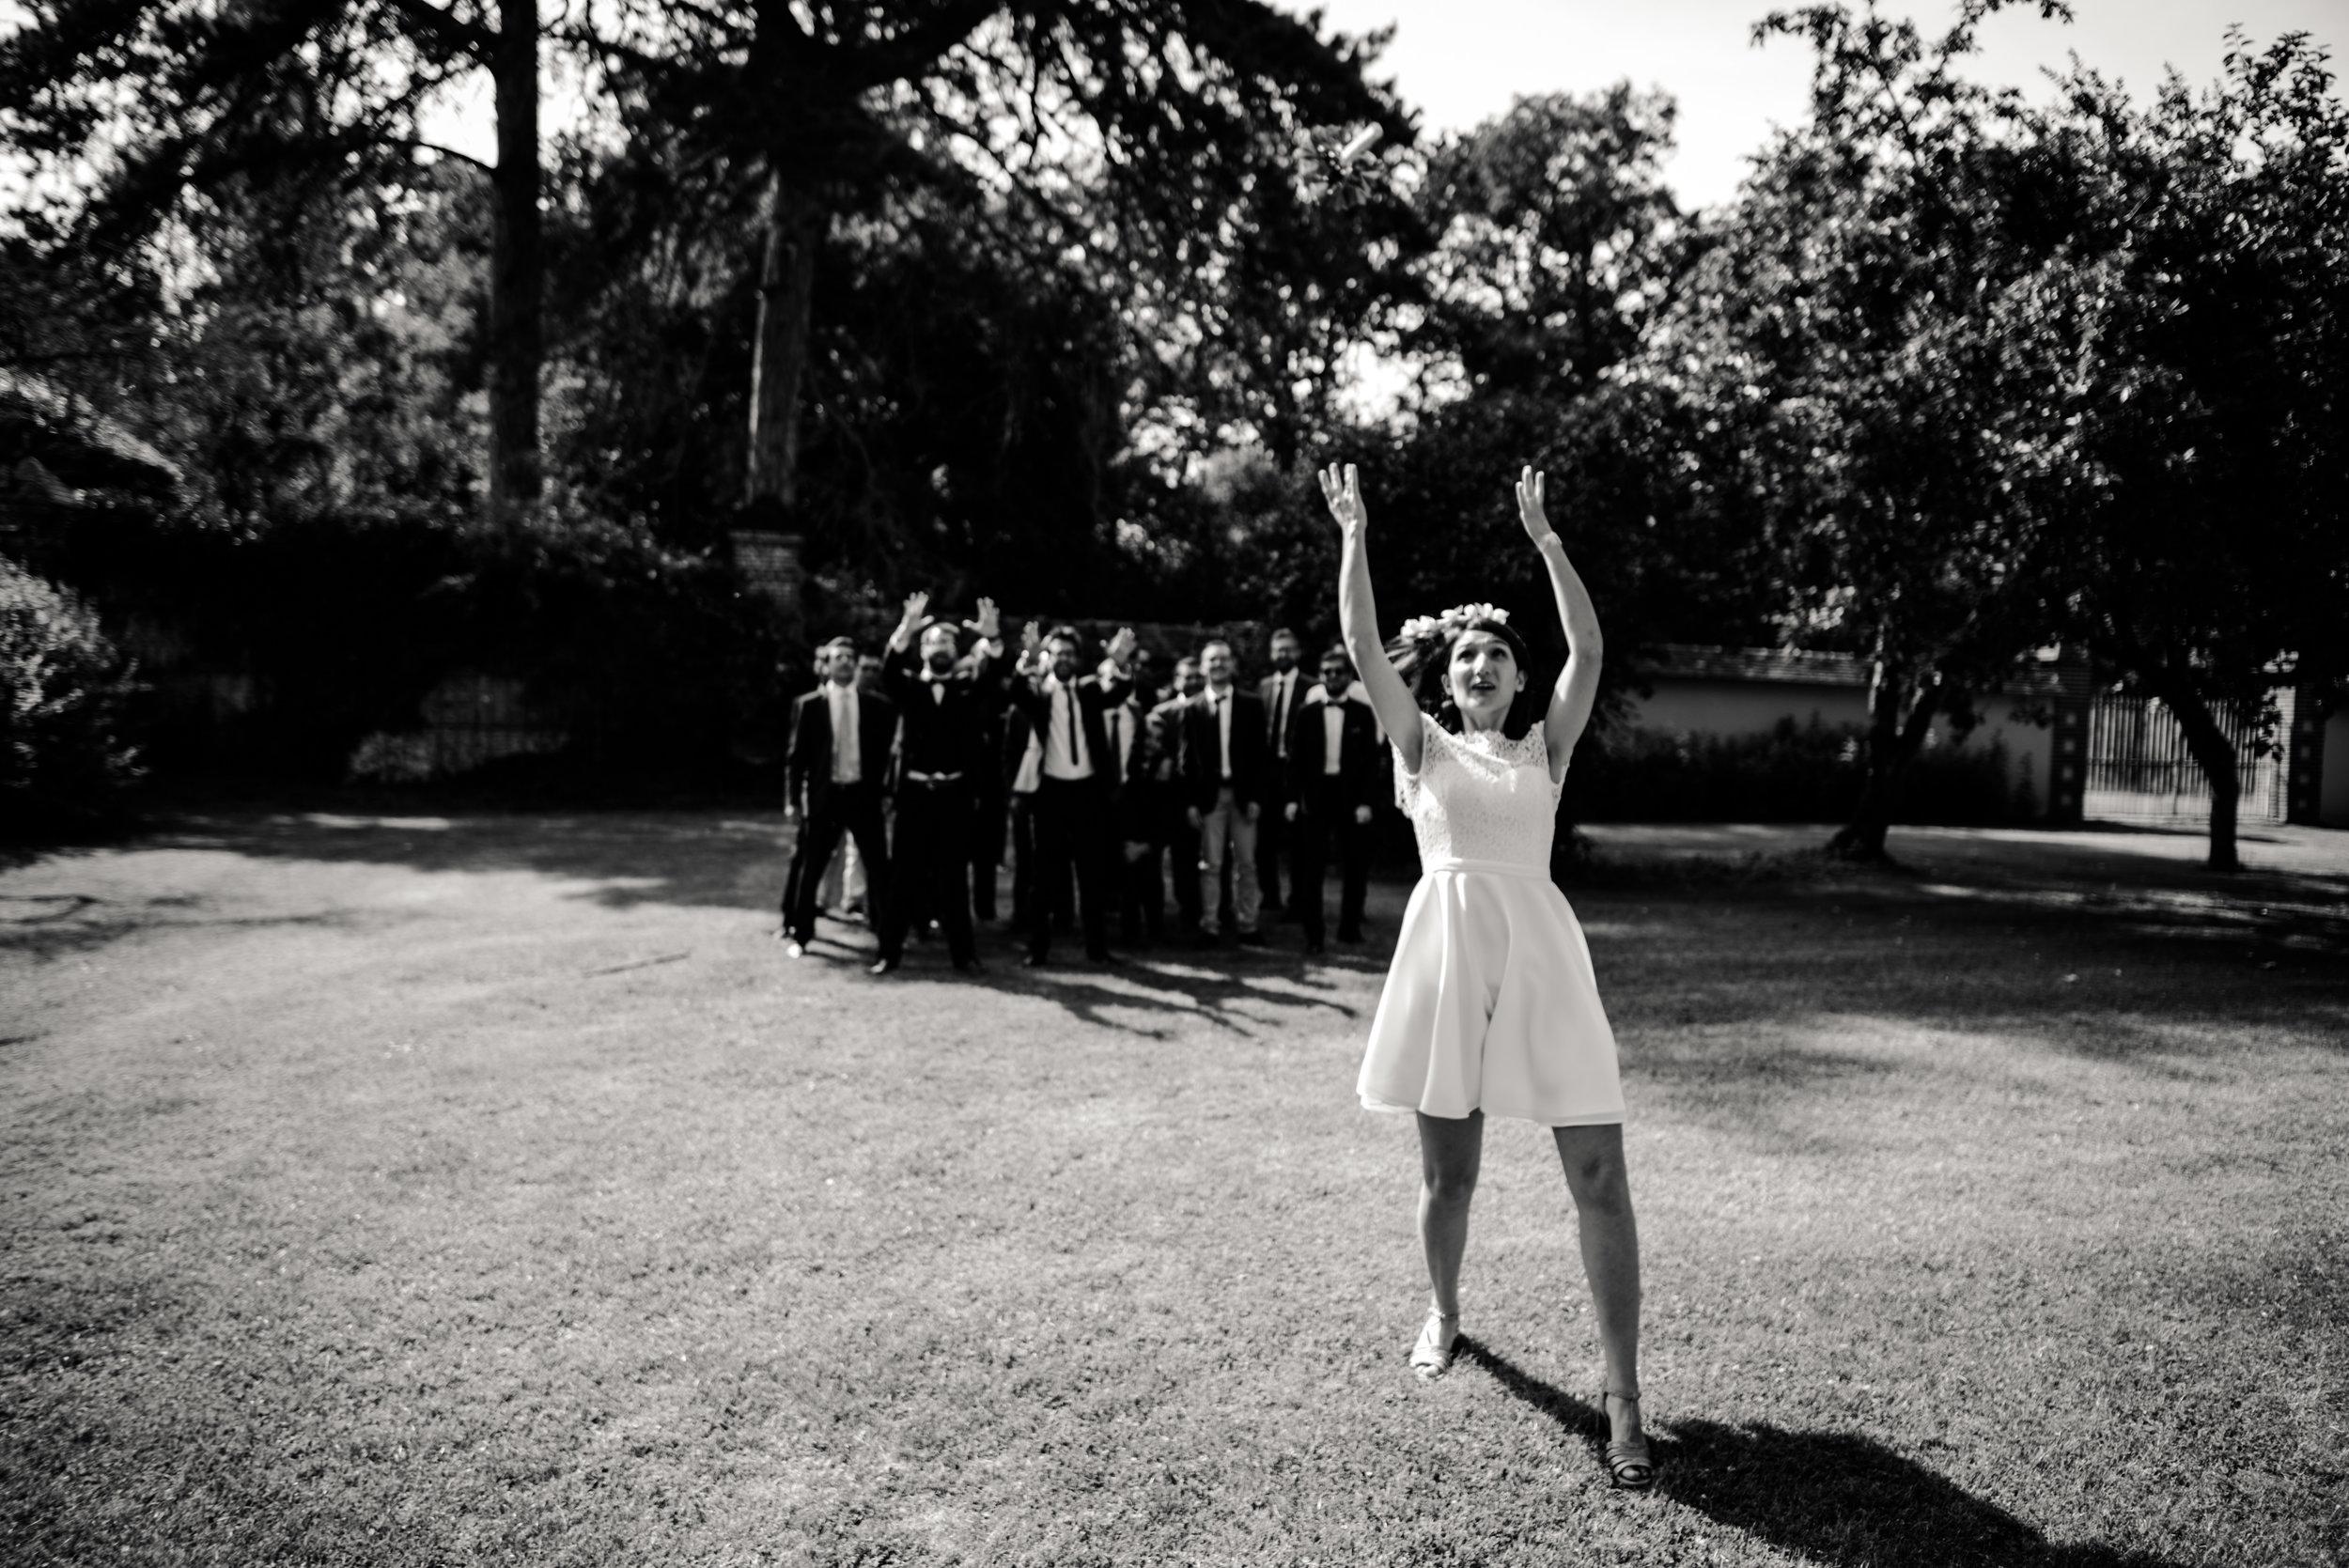 Léa-Fery-photographe-professionnel-lyon-rhone-alpes-portrait-creation-mariage-evenement-evenementiel-famille-2-158.jpg